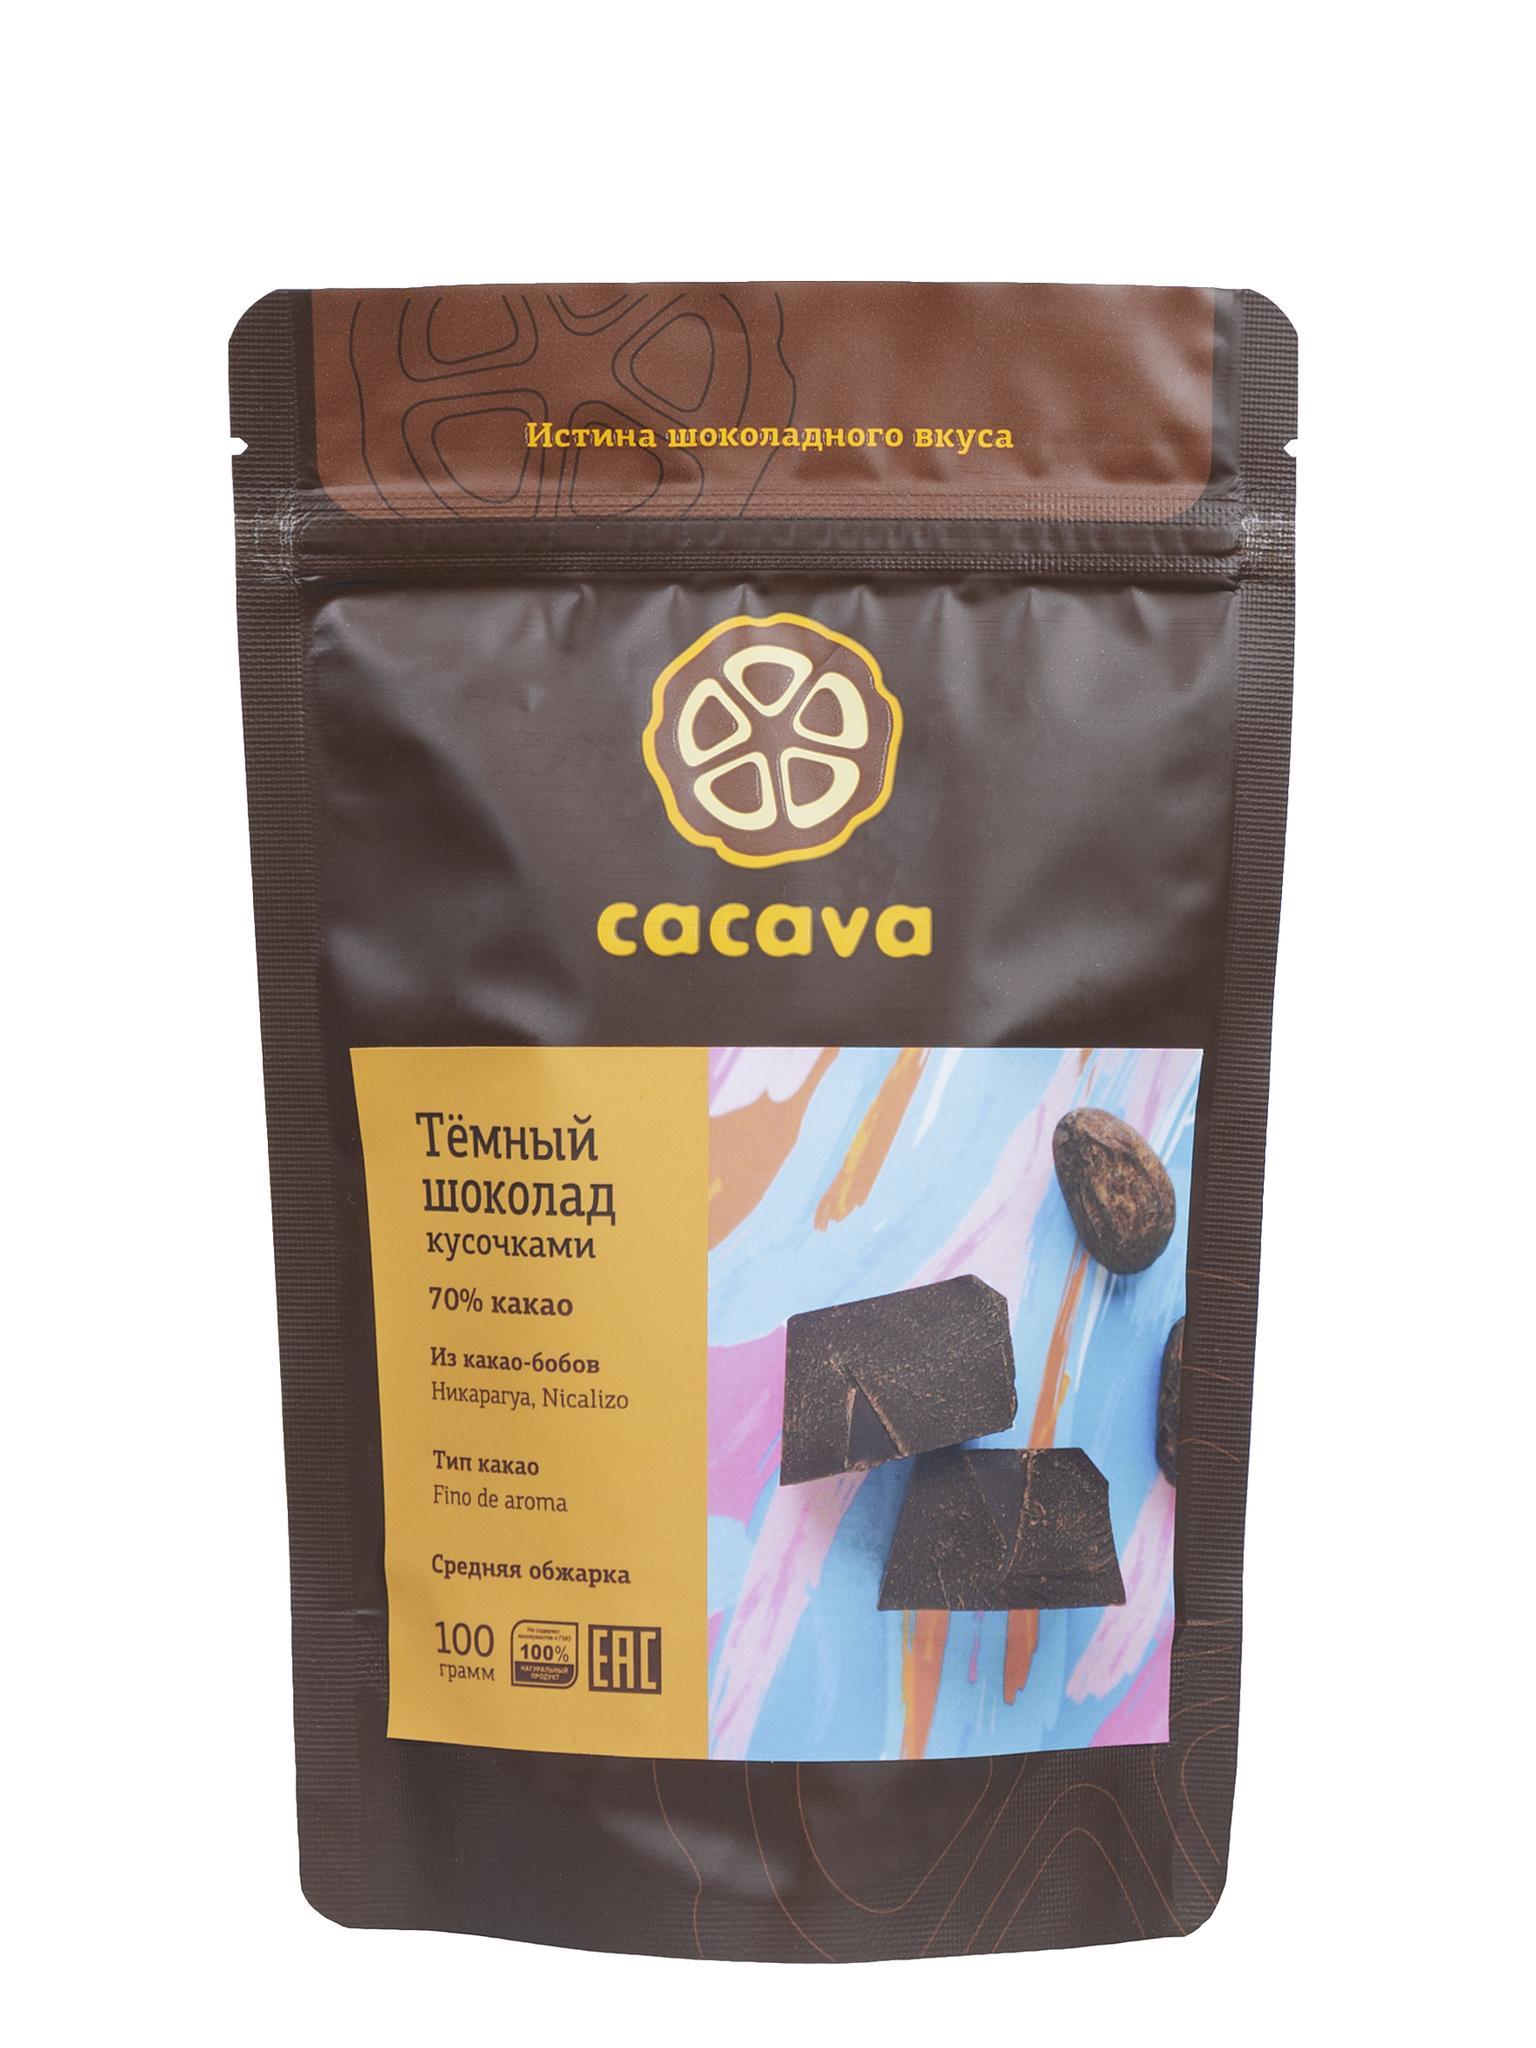 Тёмный шоколад 70 % какао (Никарагуа, Nicalizo), упаковка 100 грамм